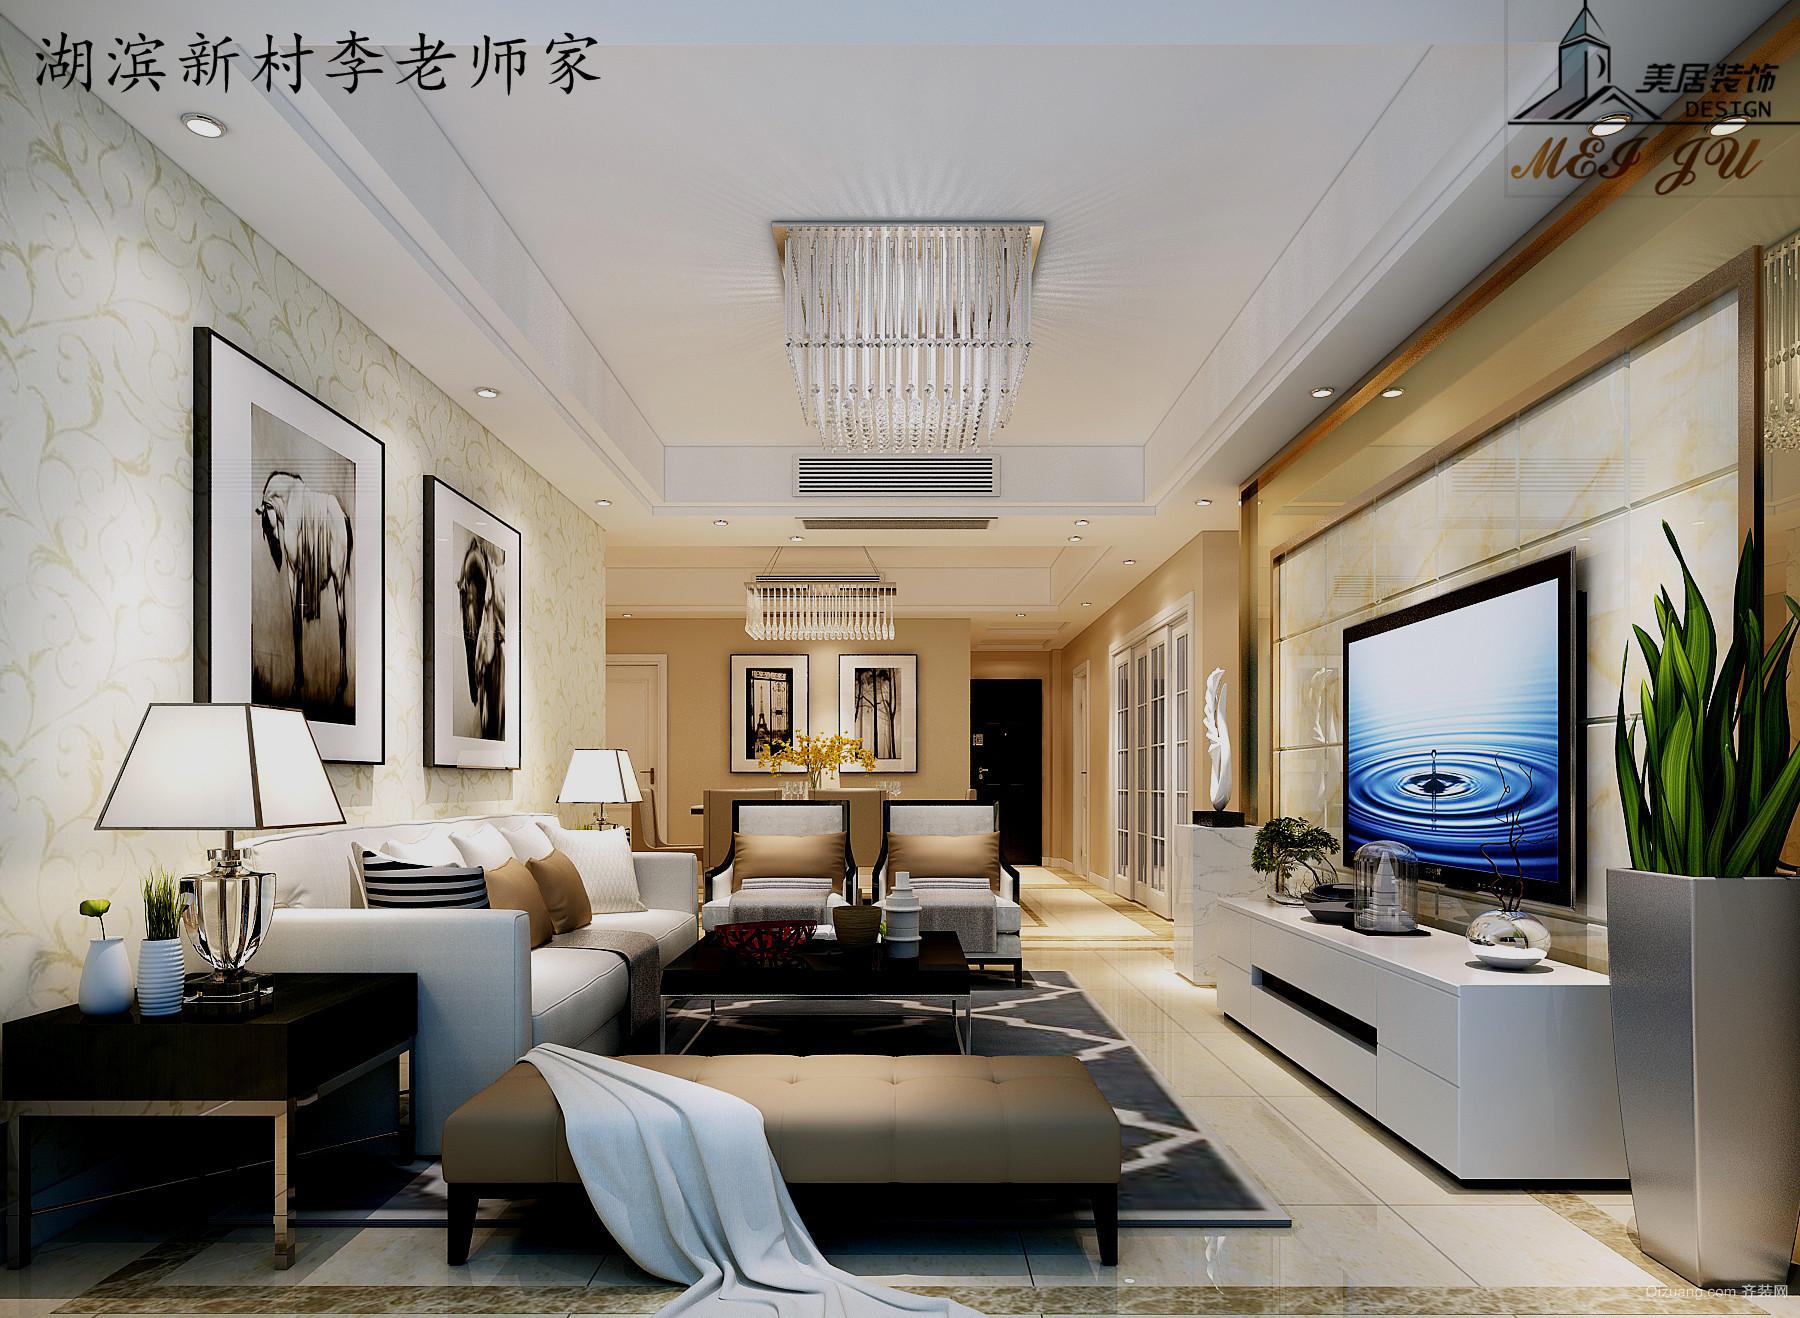 湖滨新村中式风格装修效果图实景图